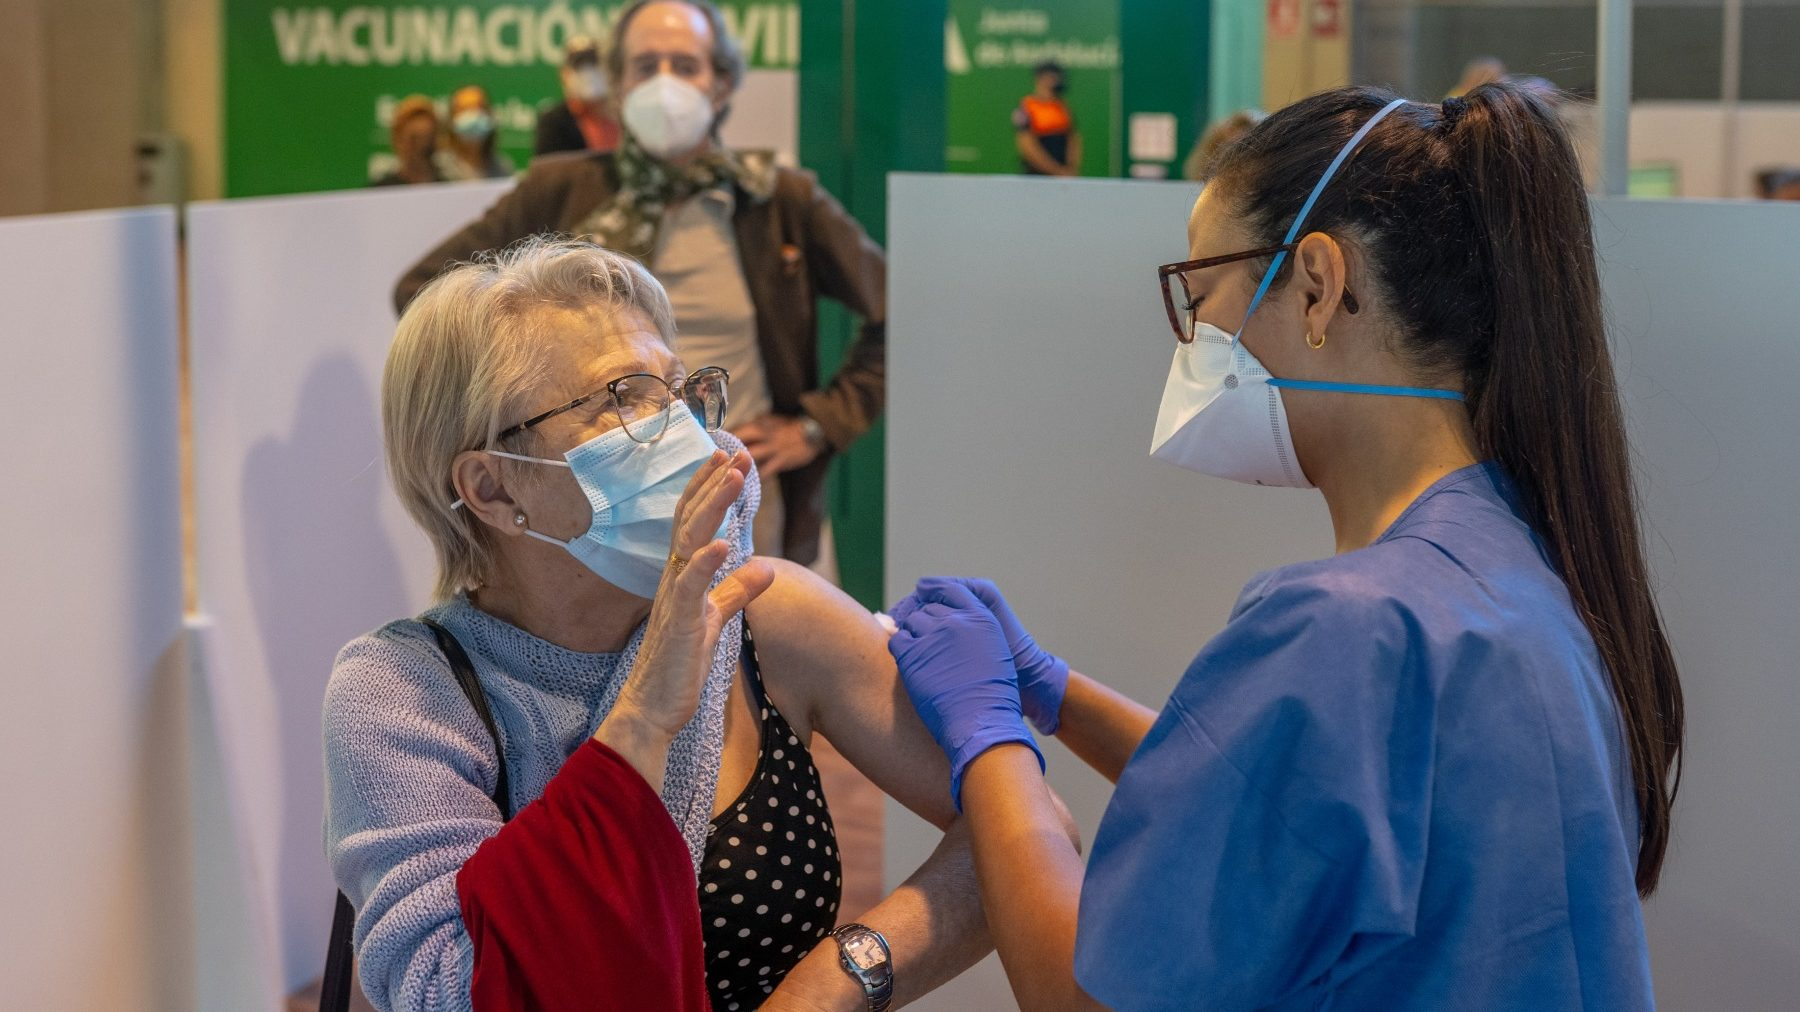 Vacunación en el Estadio de la Cartuja de Sevilla (EDUARDO BRIONES / EUROPA PRESS).-19_28_abril_2021_estadio (1)